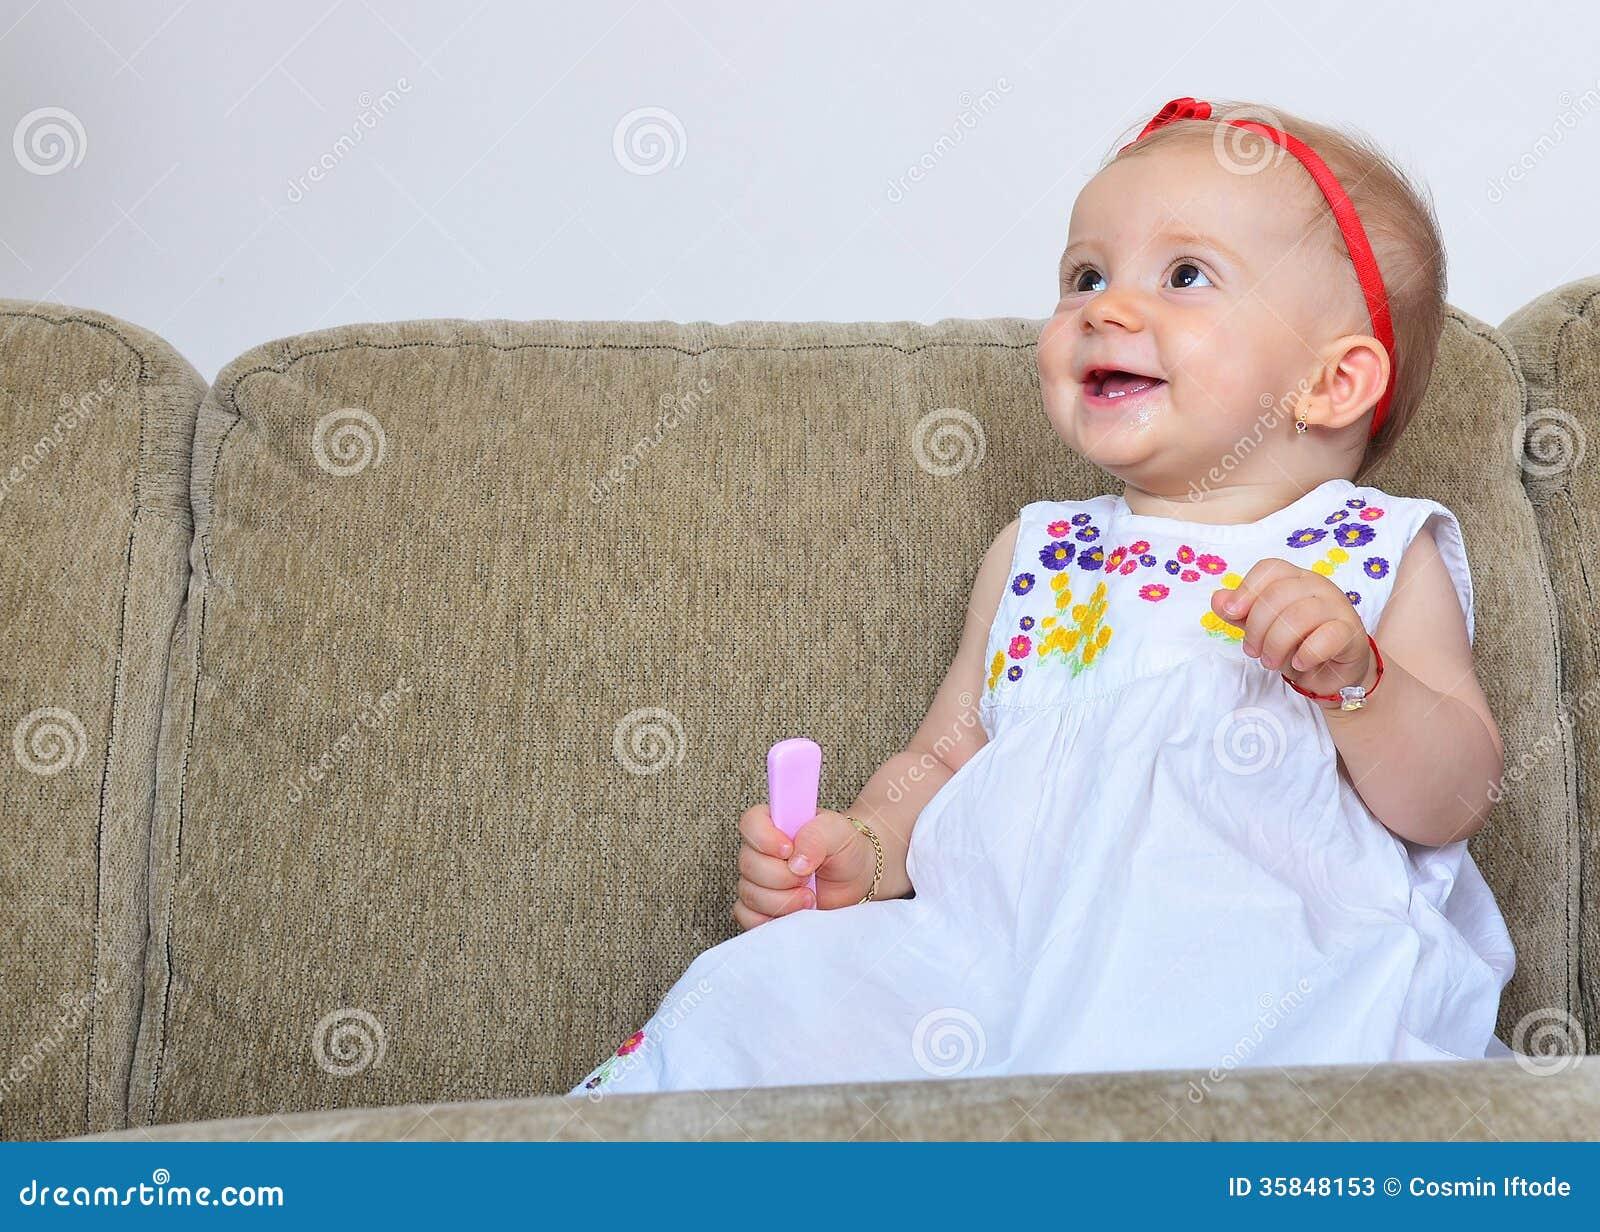 Neonata felice con la spazzola per i capelli